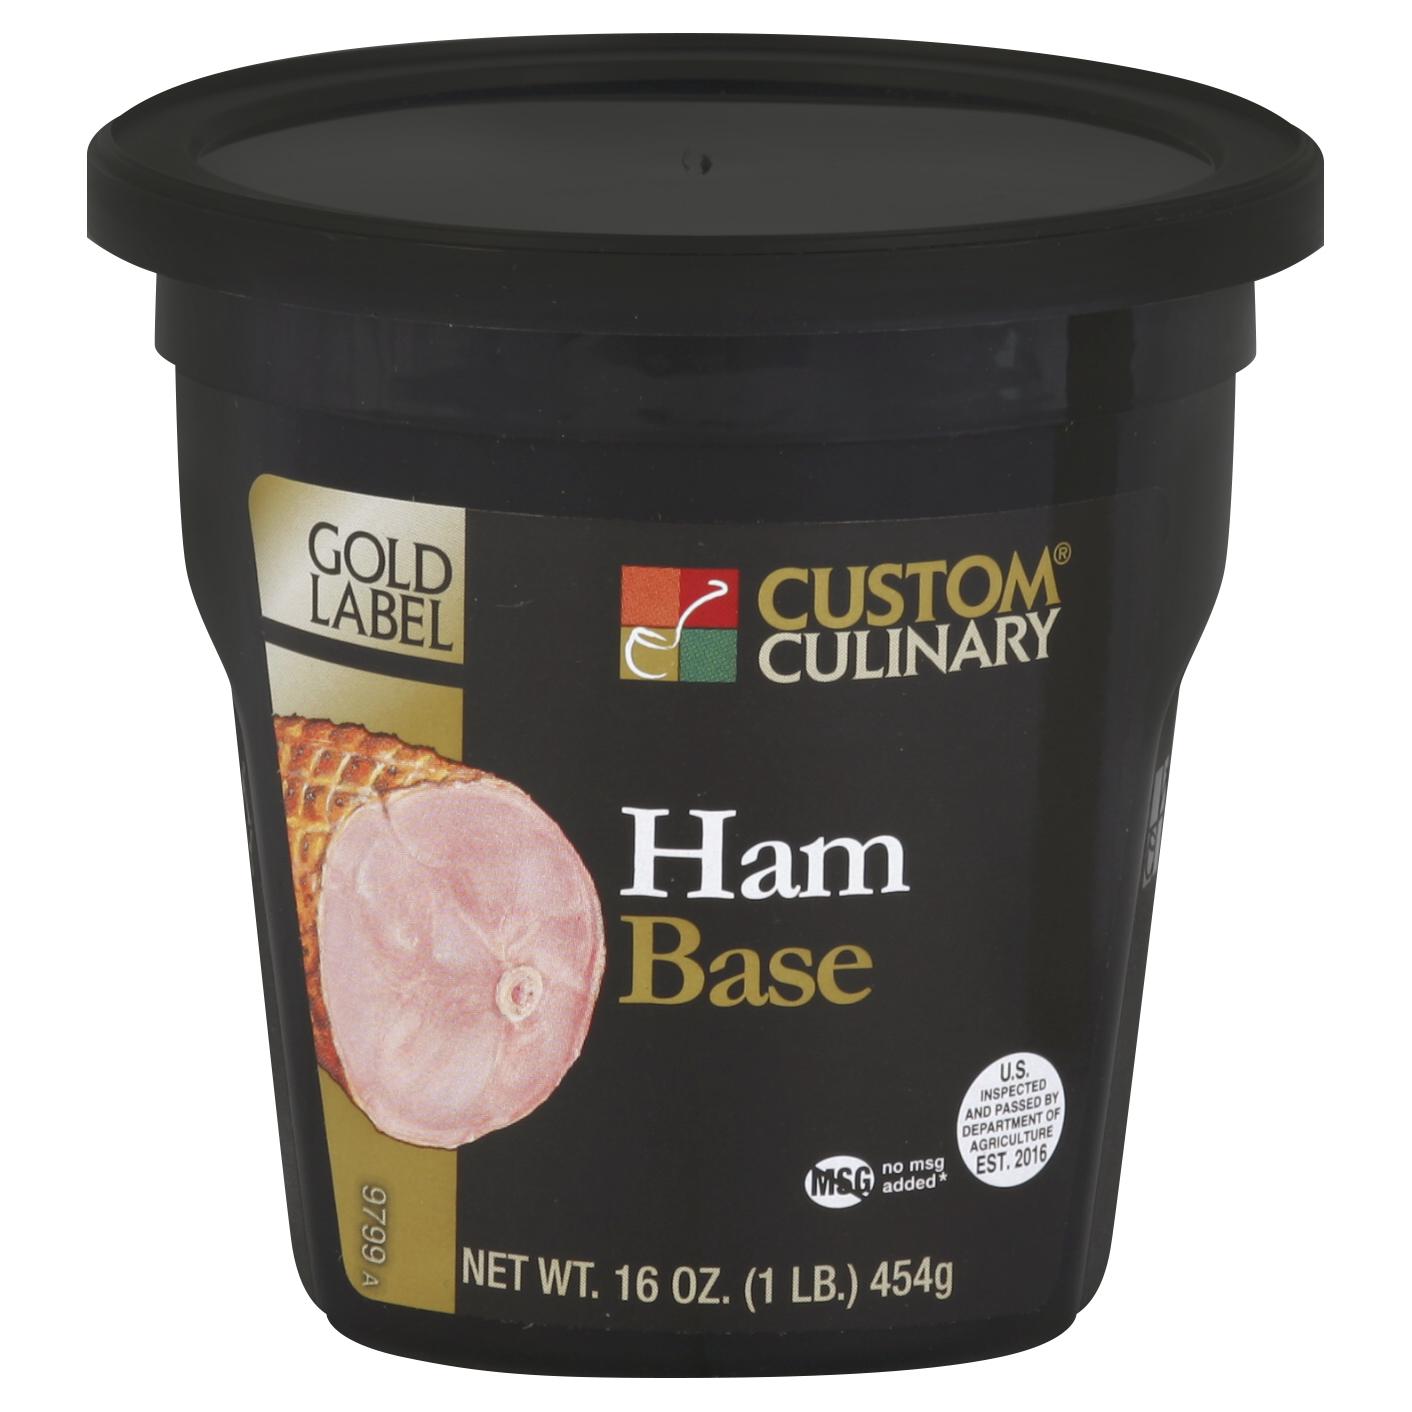 9799 - GOLD LABEL Ham Base No MSG Added